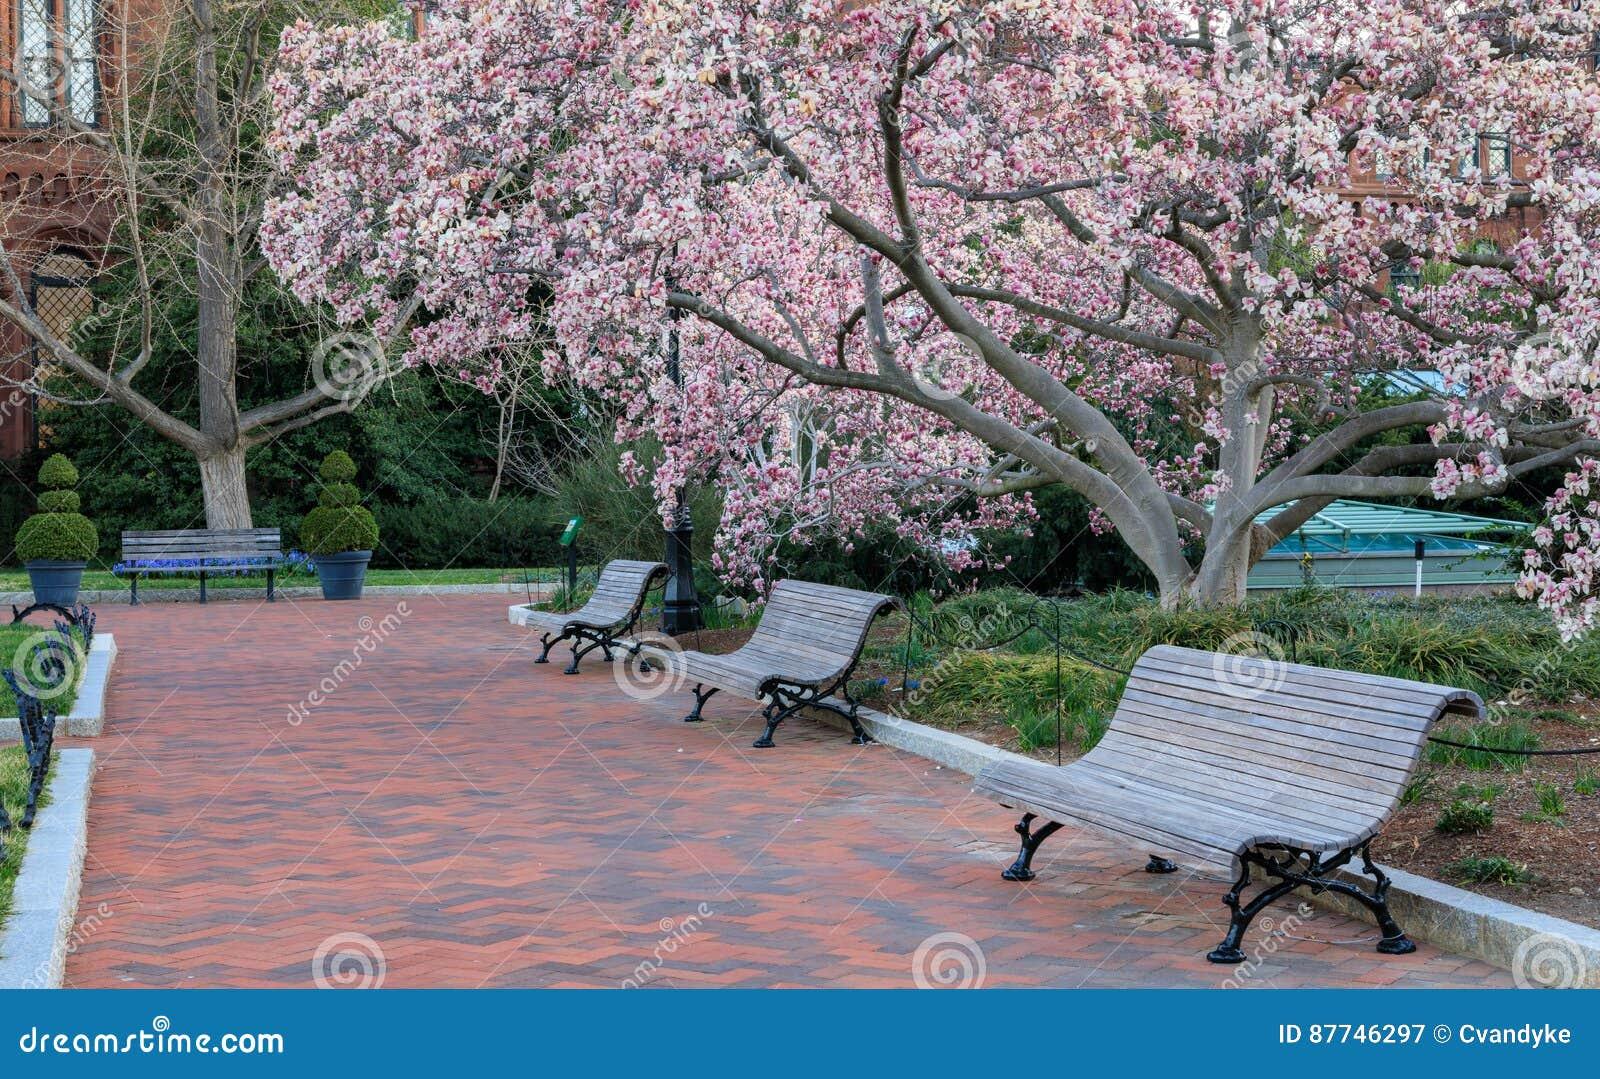 Washington Dc Sidewalk Spring Bloom Stock Image Image Of Magnolia